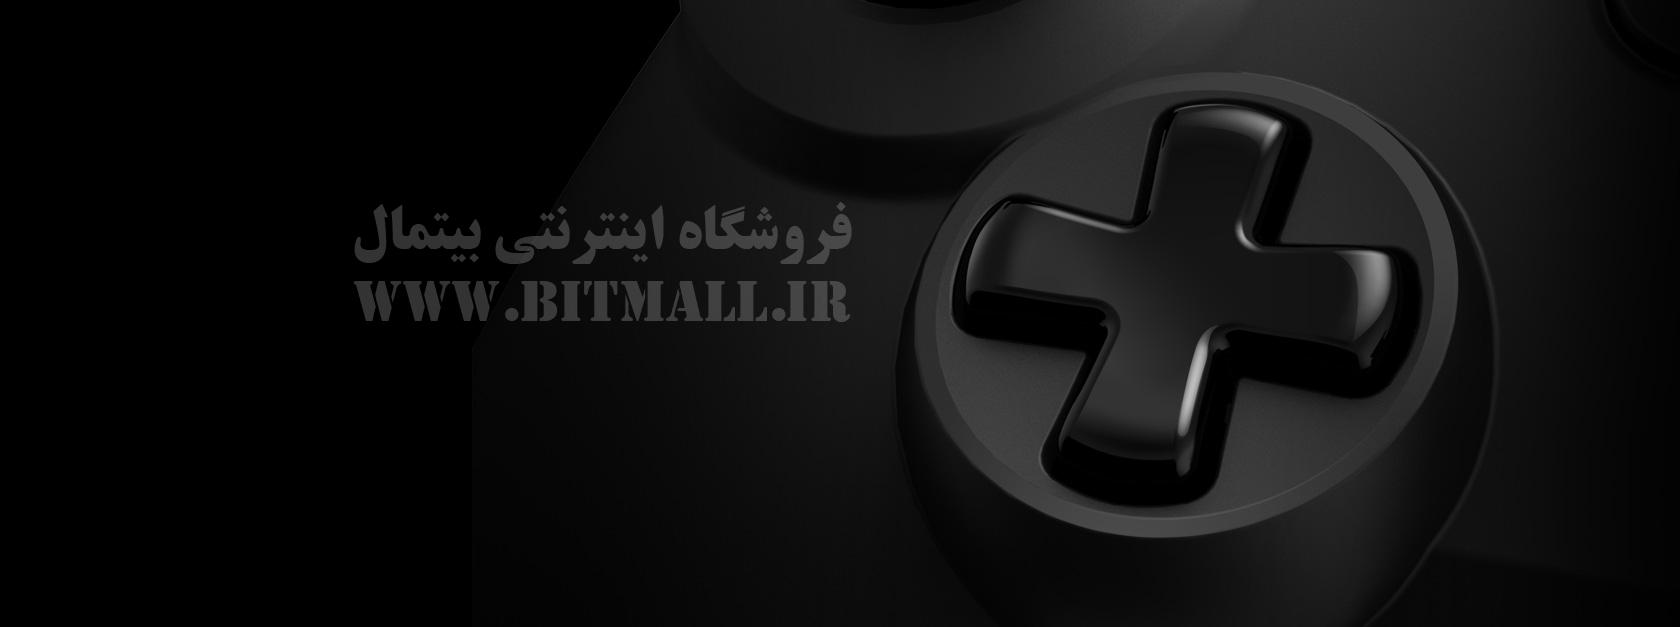 intro-control-bg